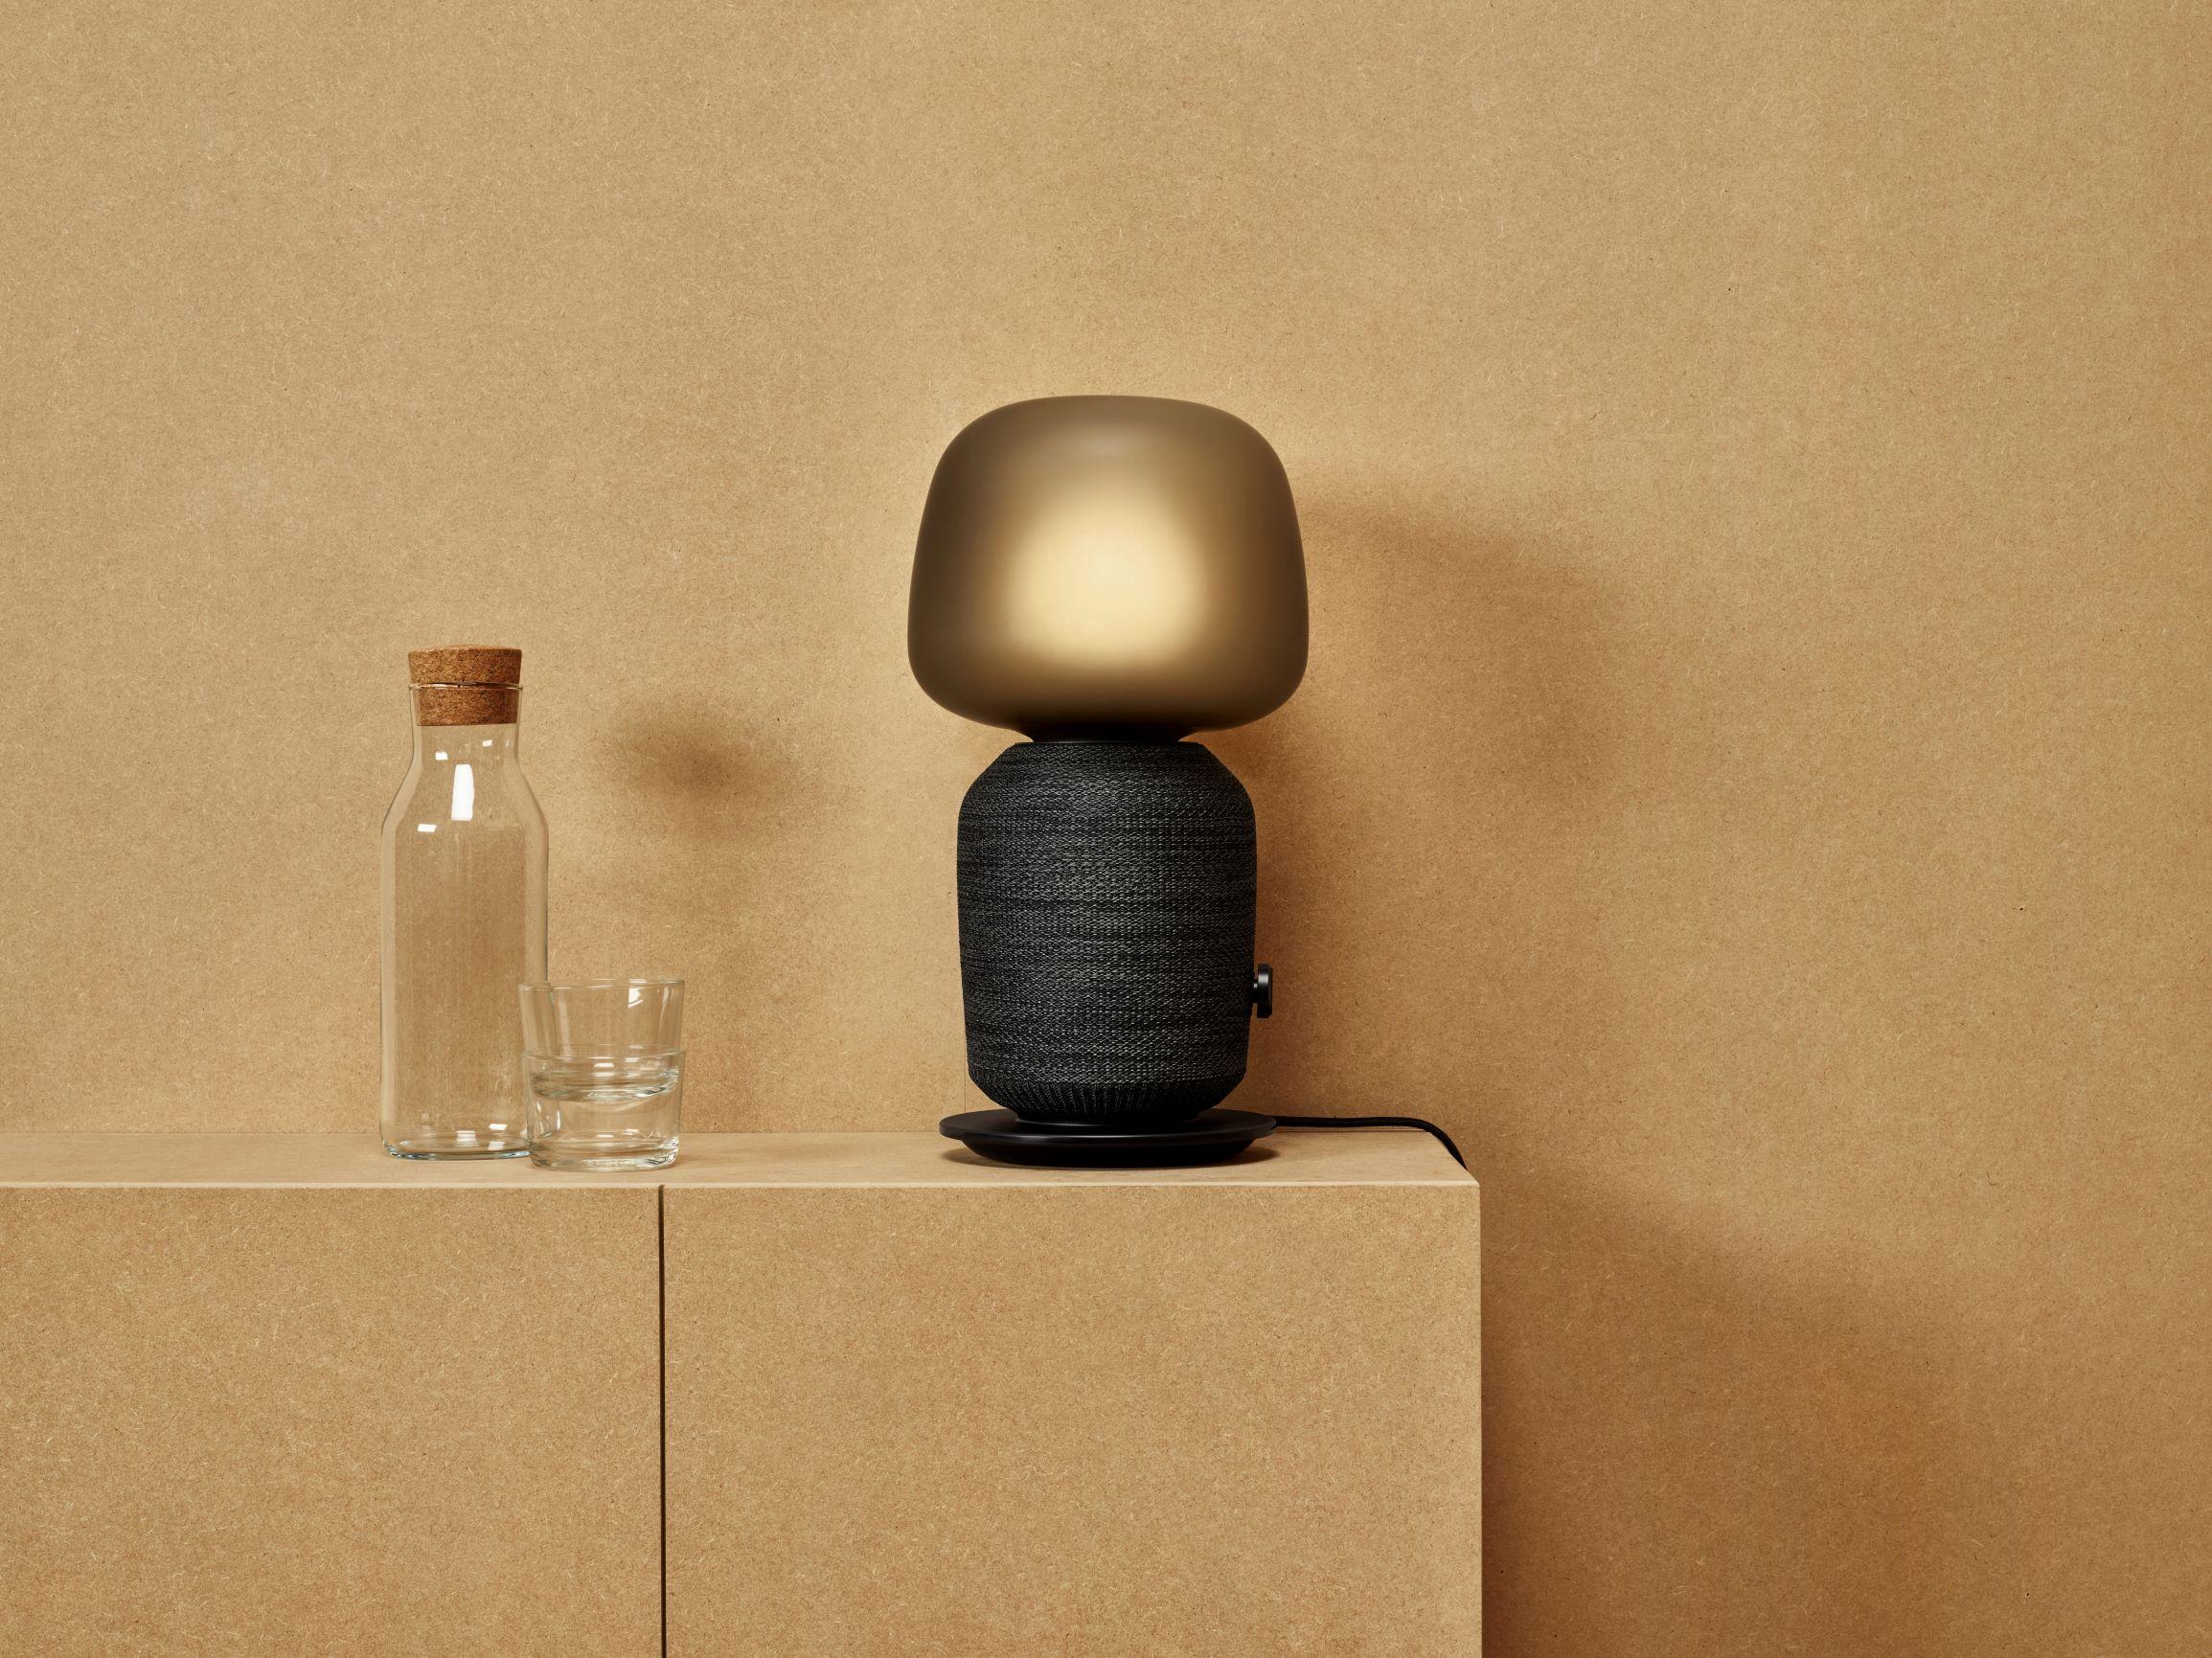 Wyposażenie mieszkania, które emituje dźwięki. Oto głośniki w postaci półki i lampy od Ikei 22